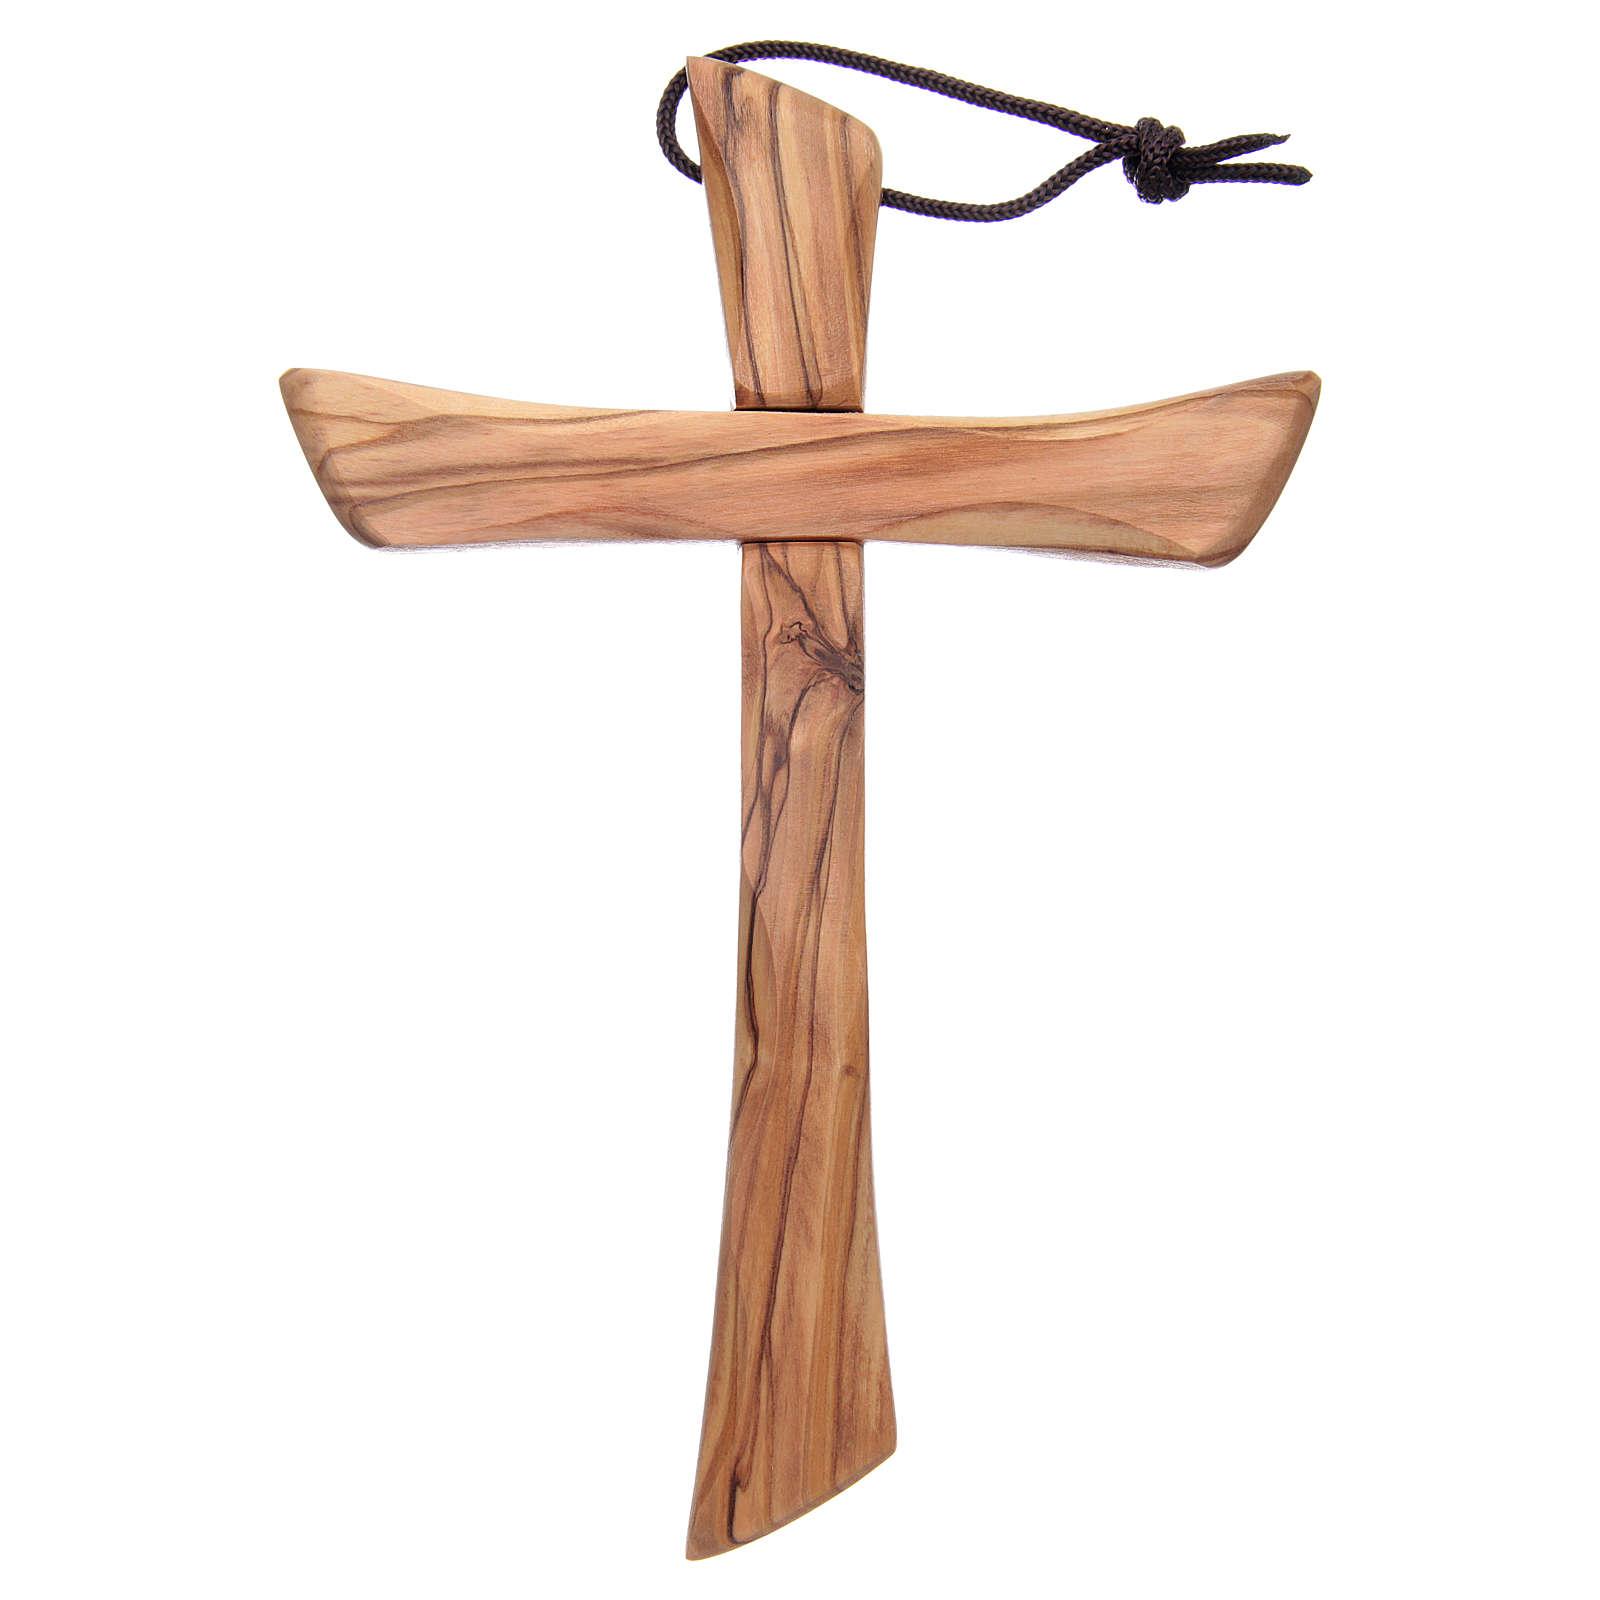 Kruez Oliven-Holz Heilig Land Israel abgerundete Rand 4